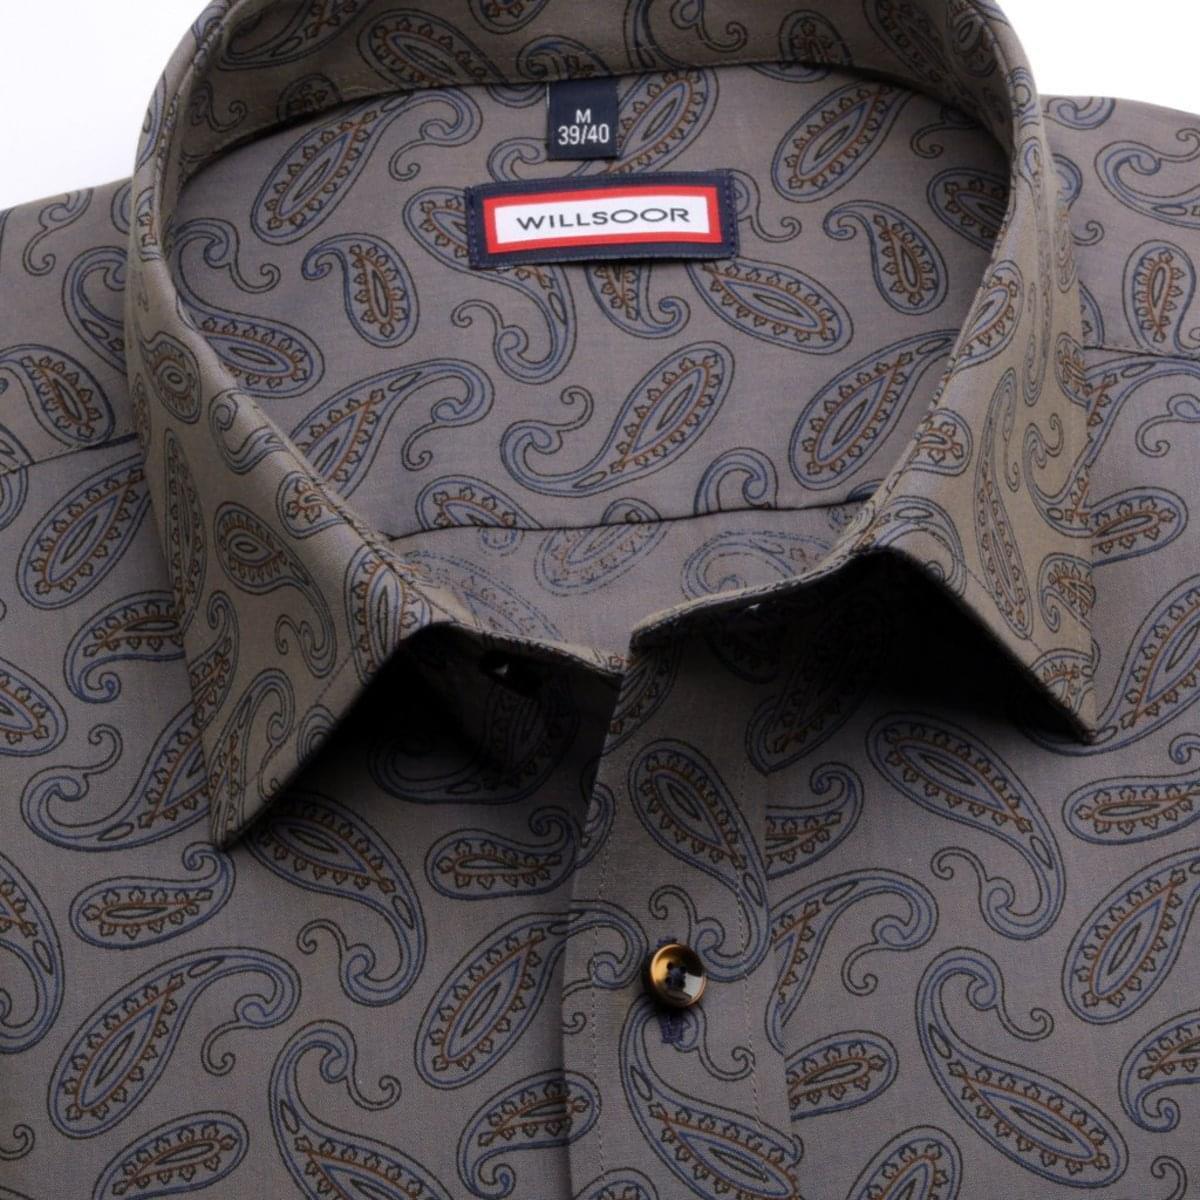 Pánská slim fit košile (výška 176-182) 6802 v šedé barvě s formulí Easy Care 176-182 / M (39/40)